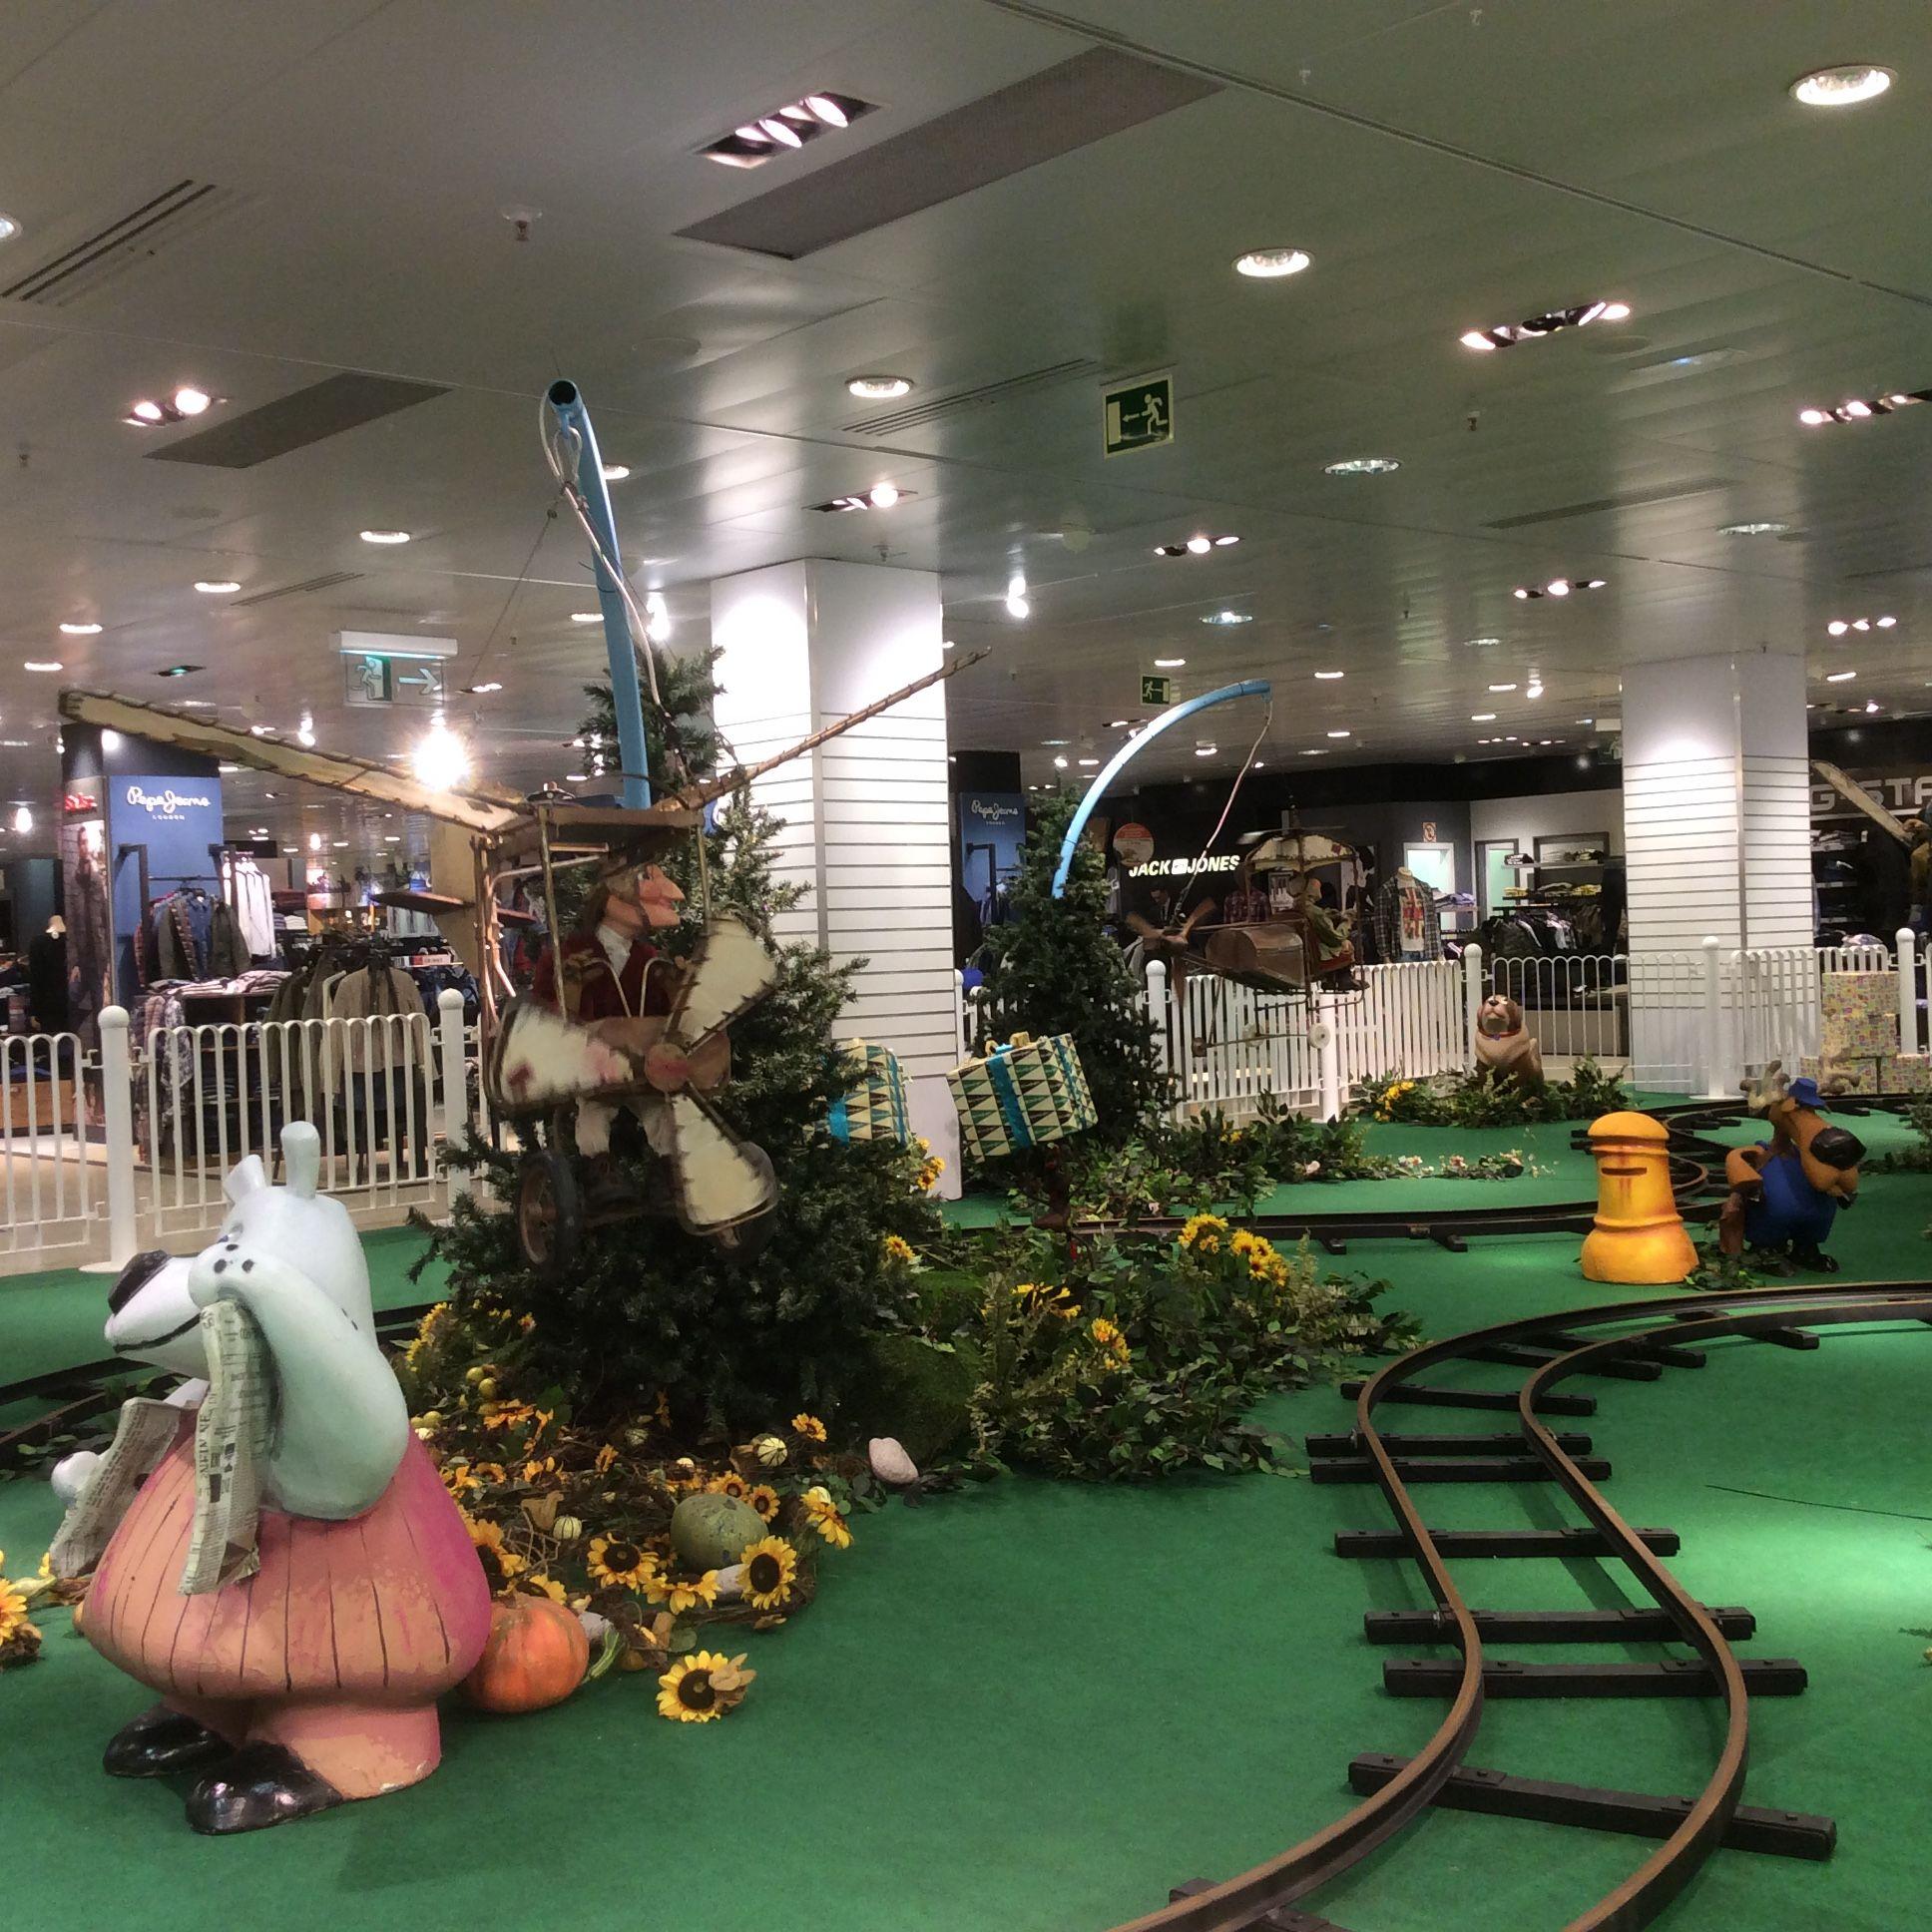 Decoraci N Navidad En Centro Comercial El Tren De La Navidad  ~ Decoracion Navidad Corte Ingles